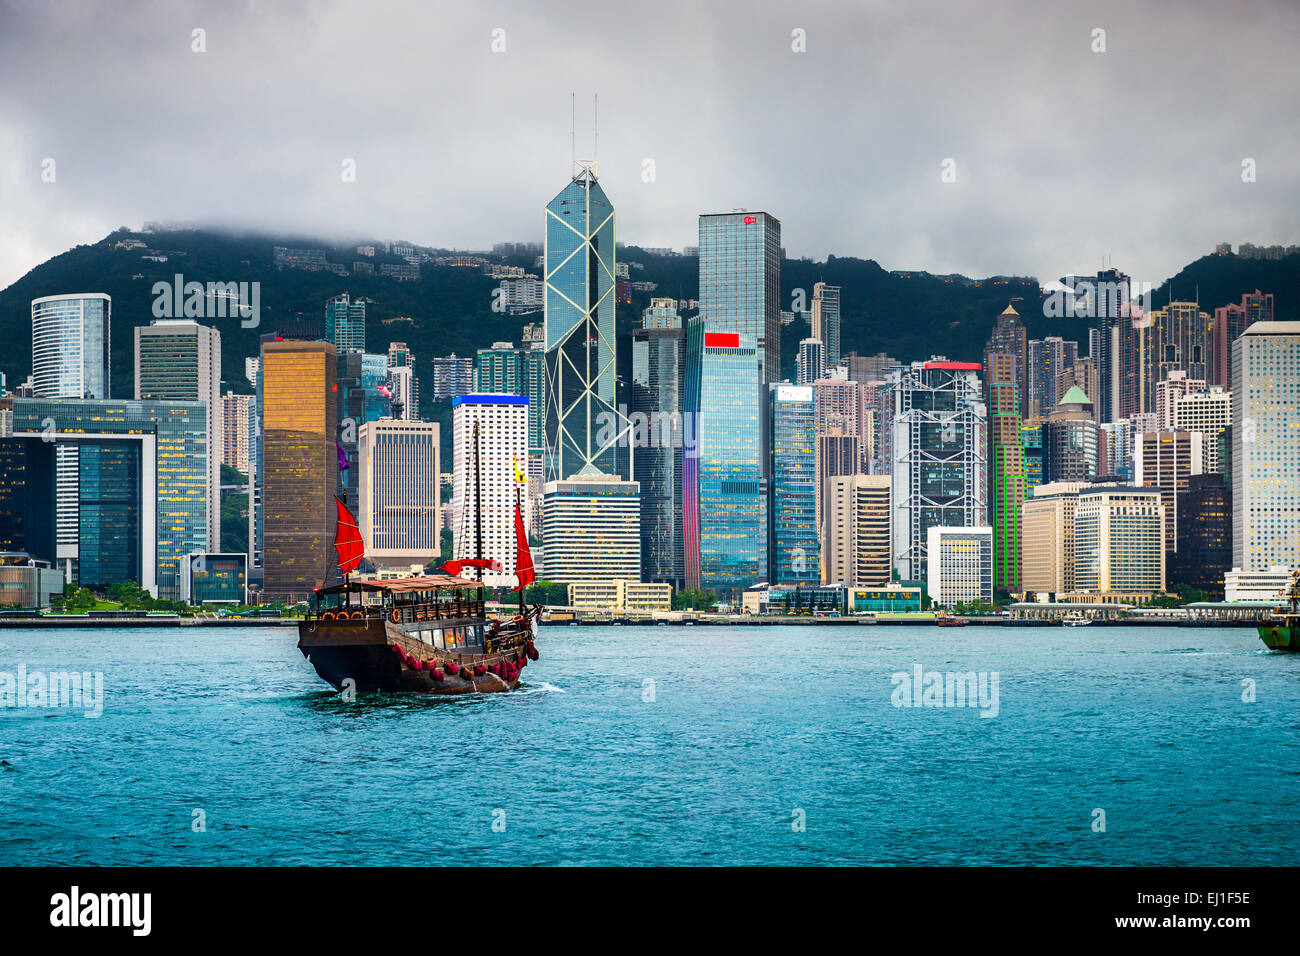 Hong Kong, china city skyline. - Stock Image